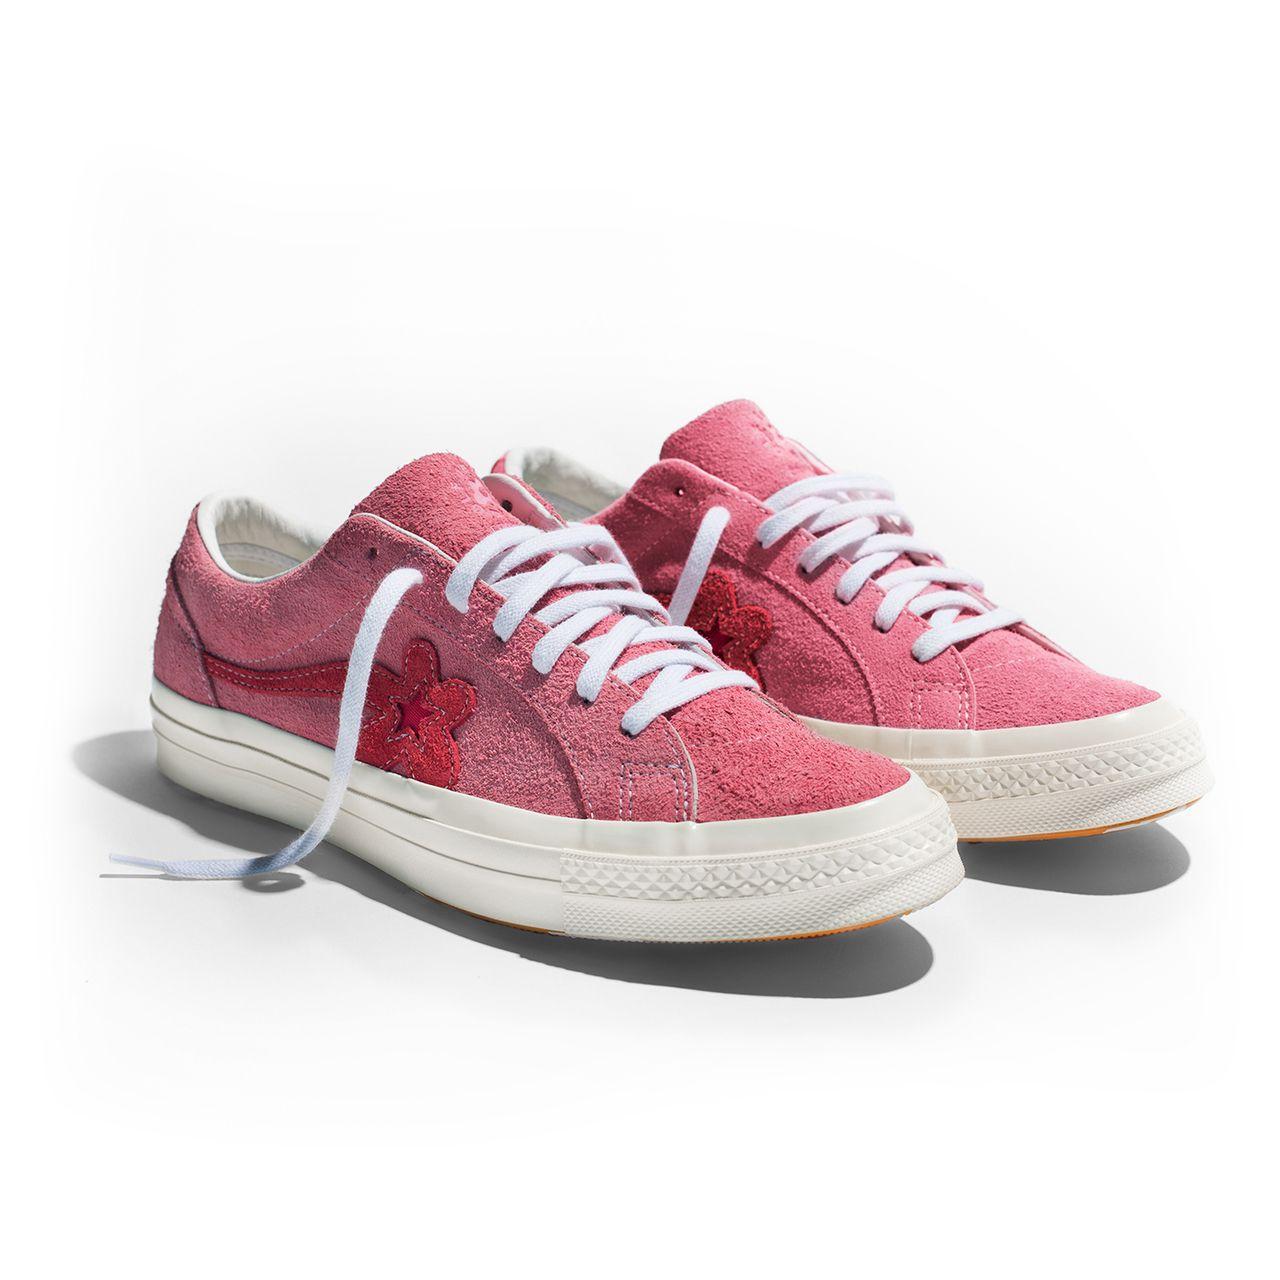 6bf78d512a4 ☆ Golf Wang - Golf le Fleur Uno (in Geranium Pink) ☆